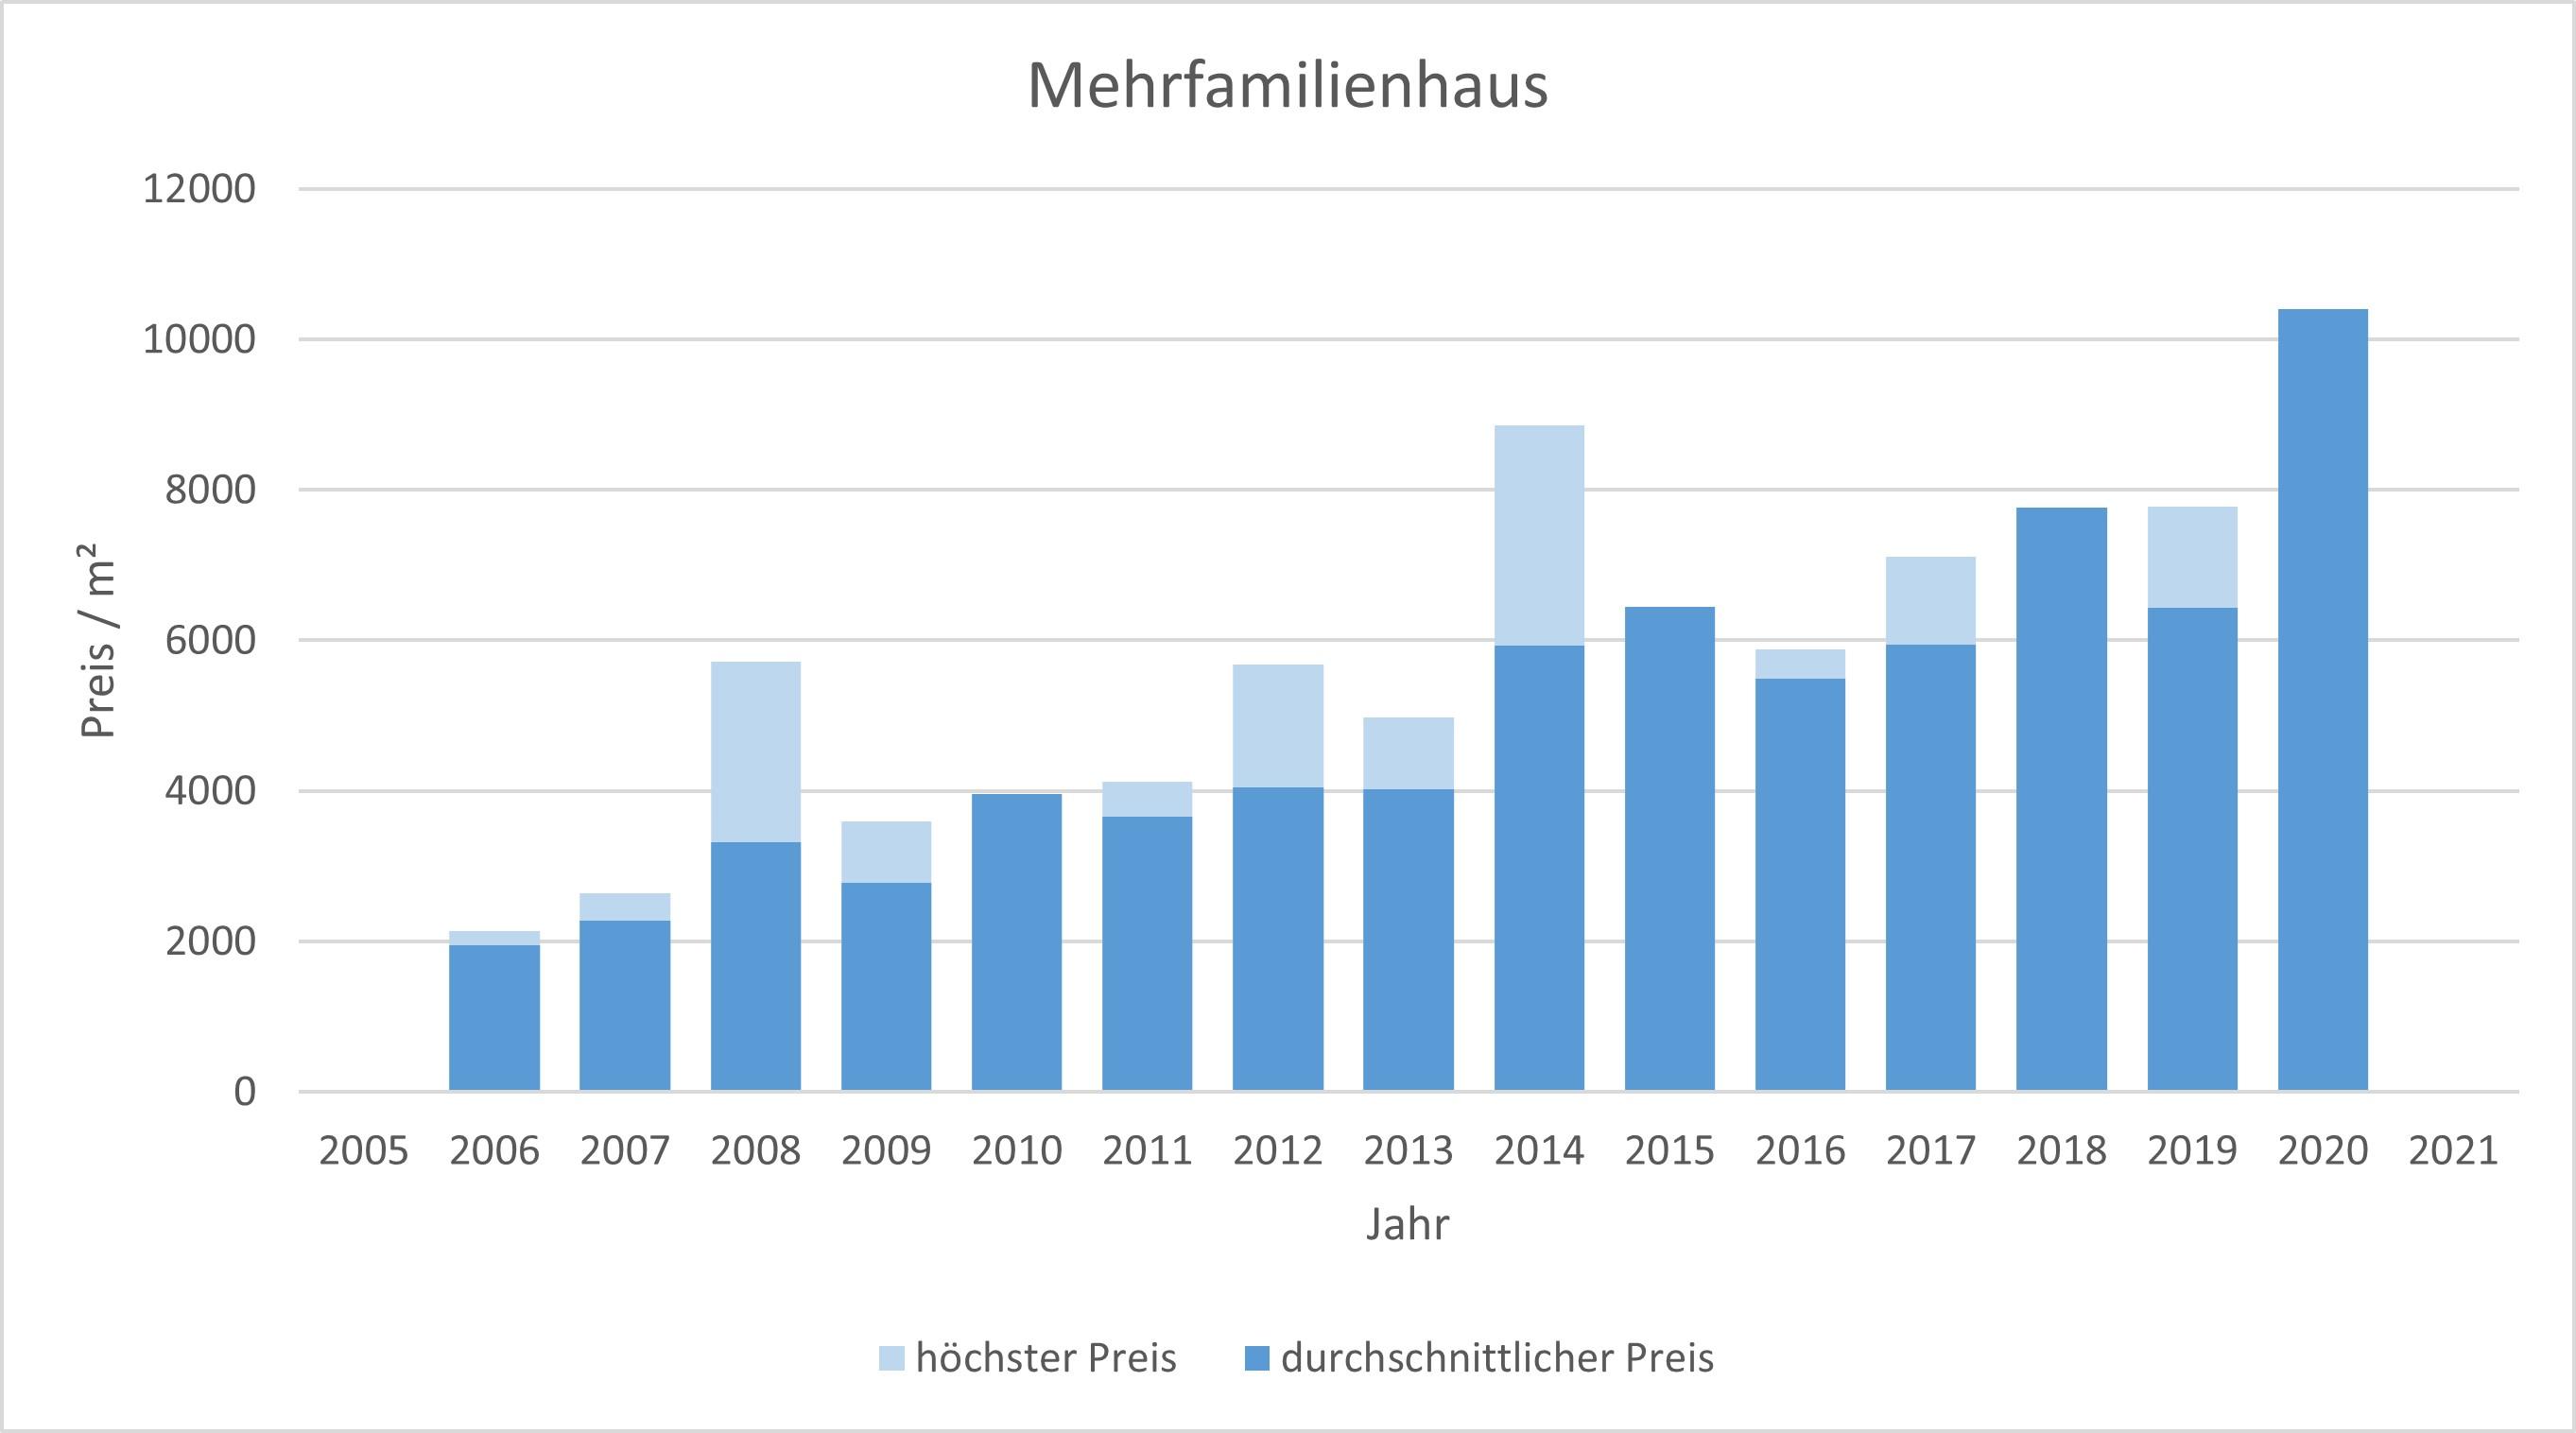 München - Obersendling Mehrfamilienhaus kaufen verkaufen Preis Bewertung 2019 2020 2021 Makler www.happy-immo.de